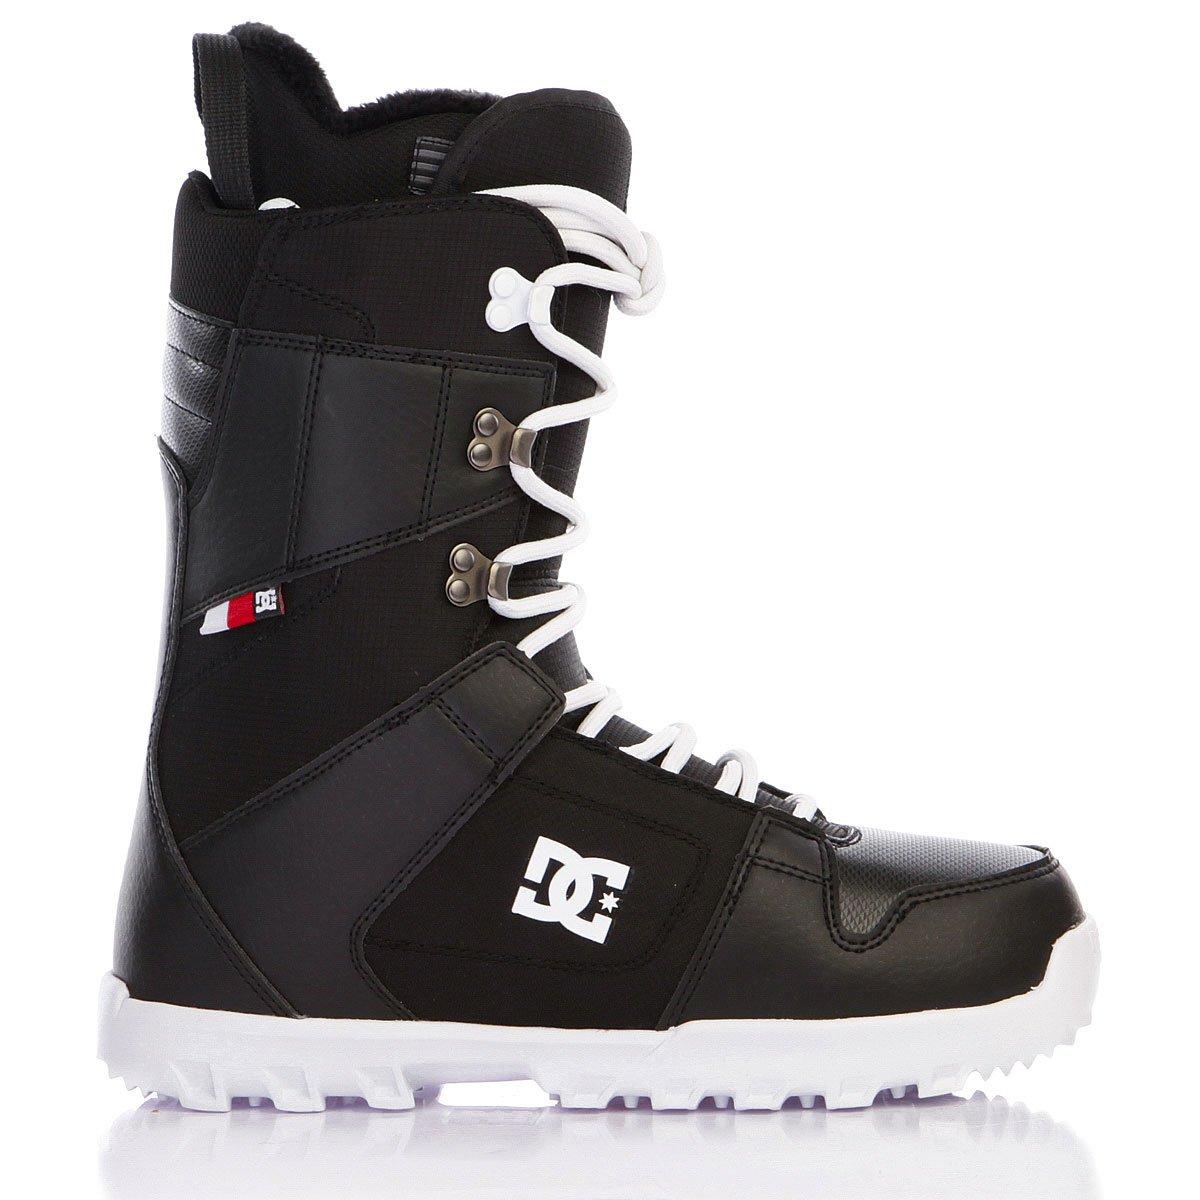 Купить ботинки для сноуборда DC Phase 15 Black (ADYO200013) в ... 99c0342ee1f